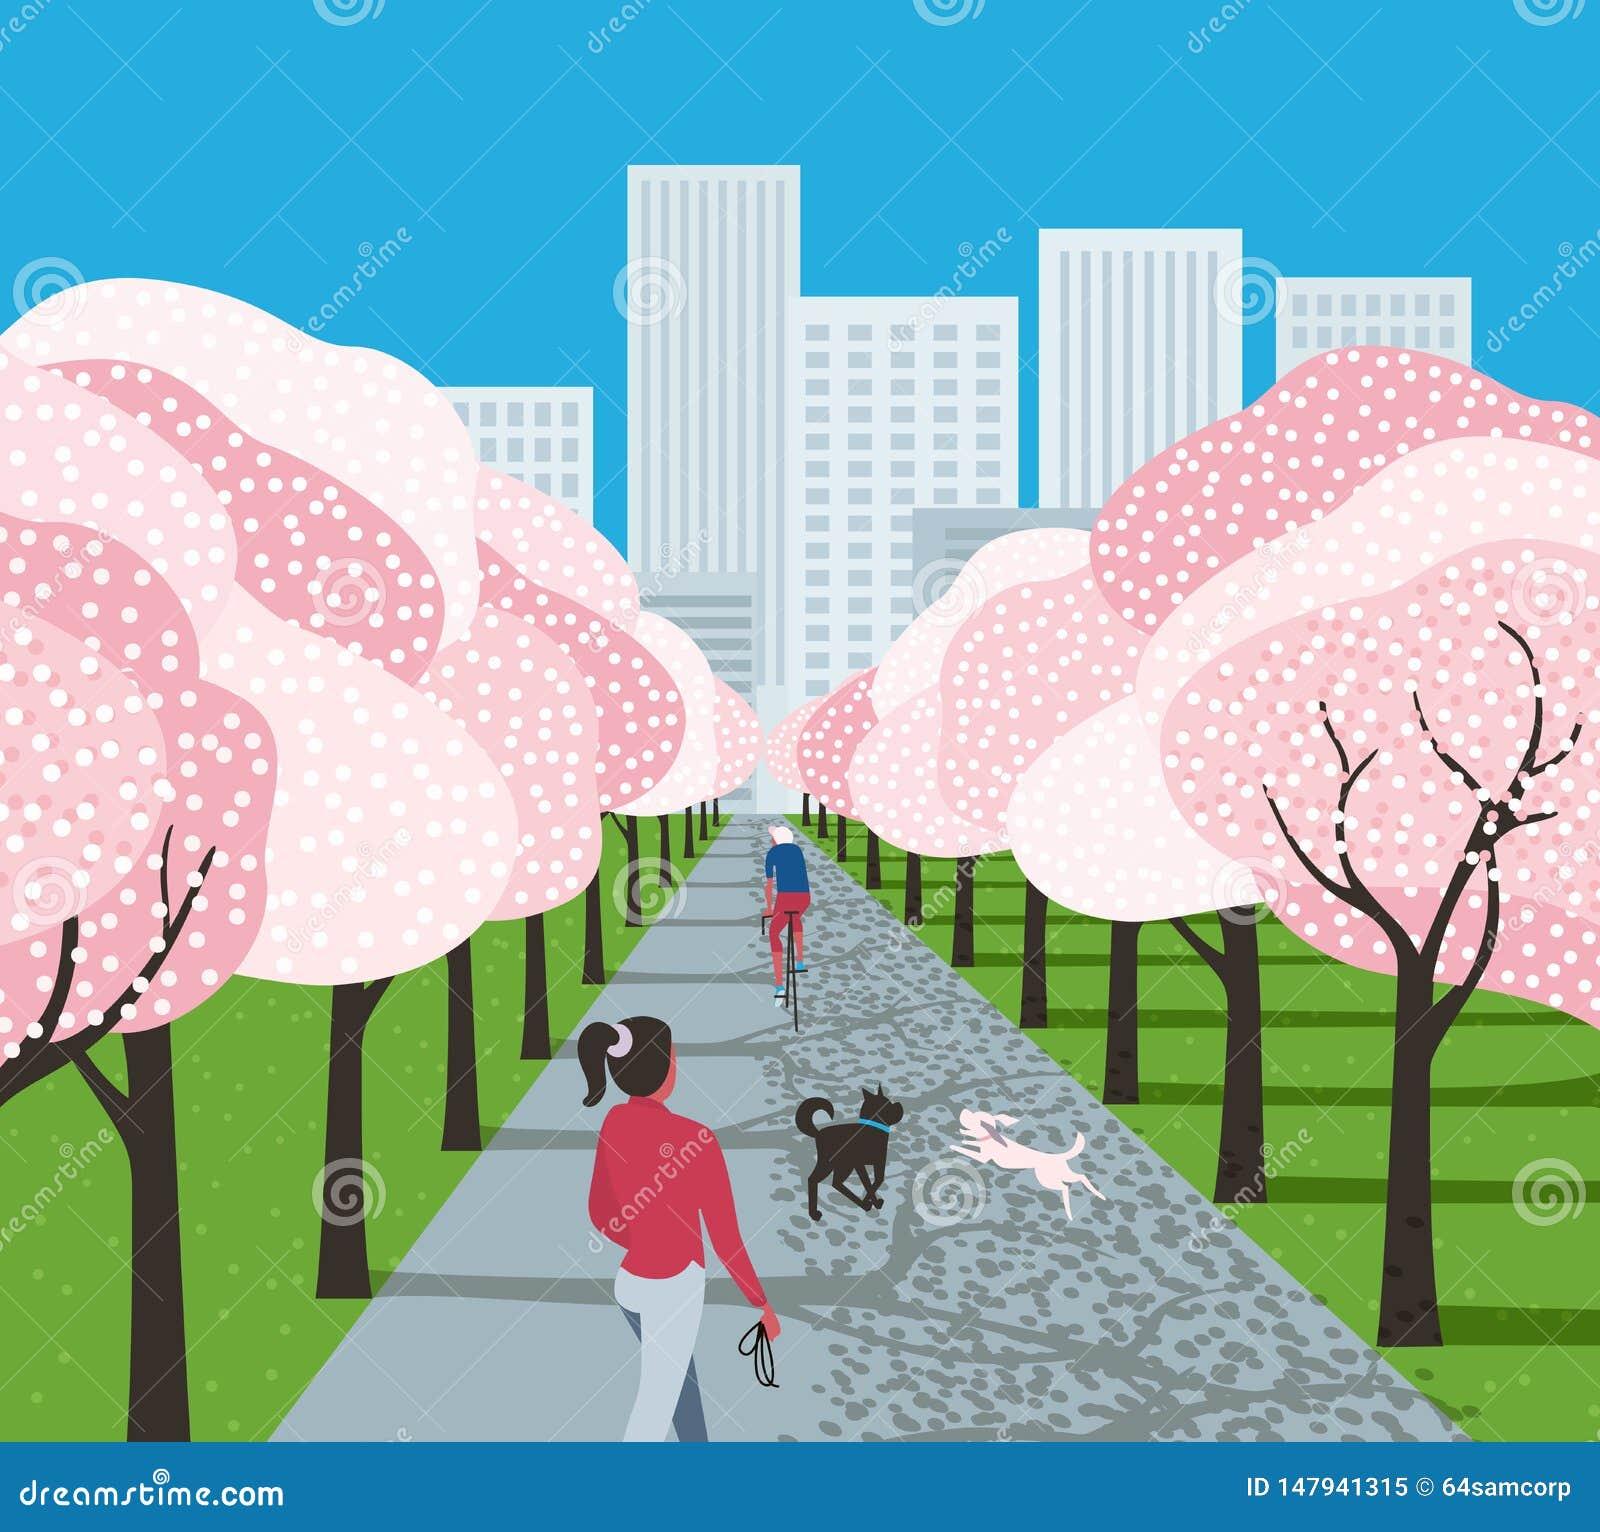 Bande dessinée de loisir de parc de ville